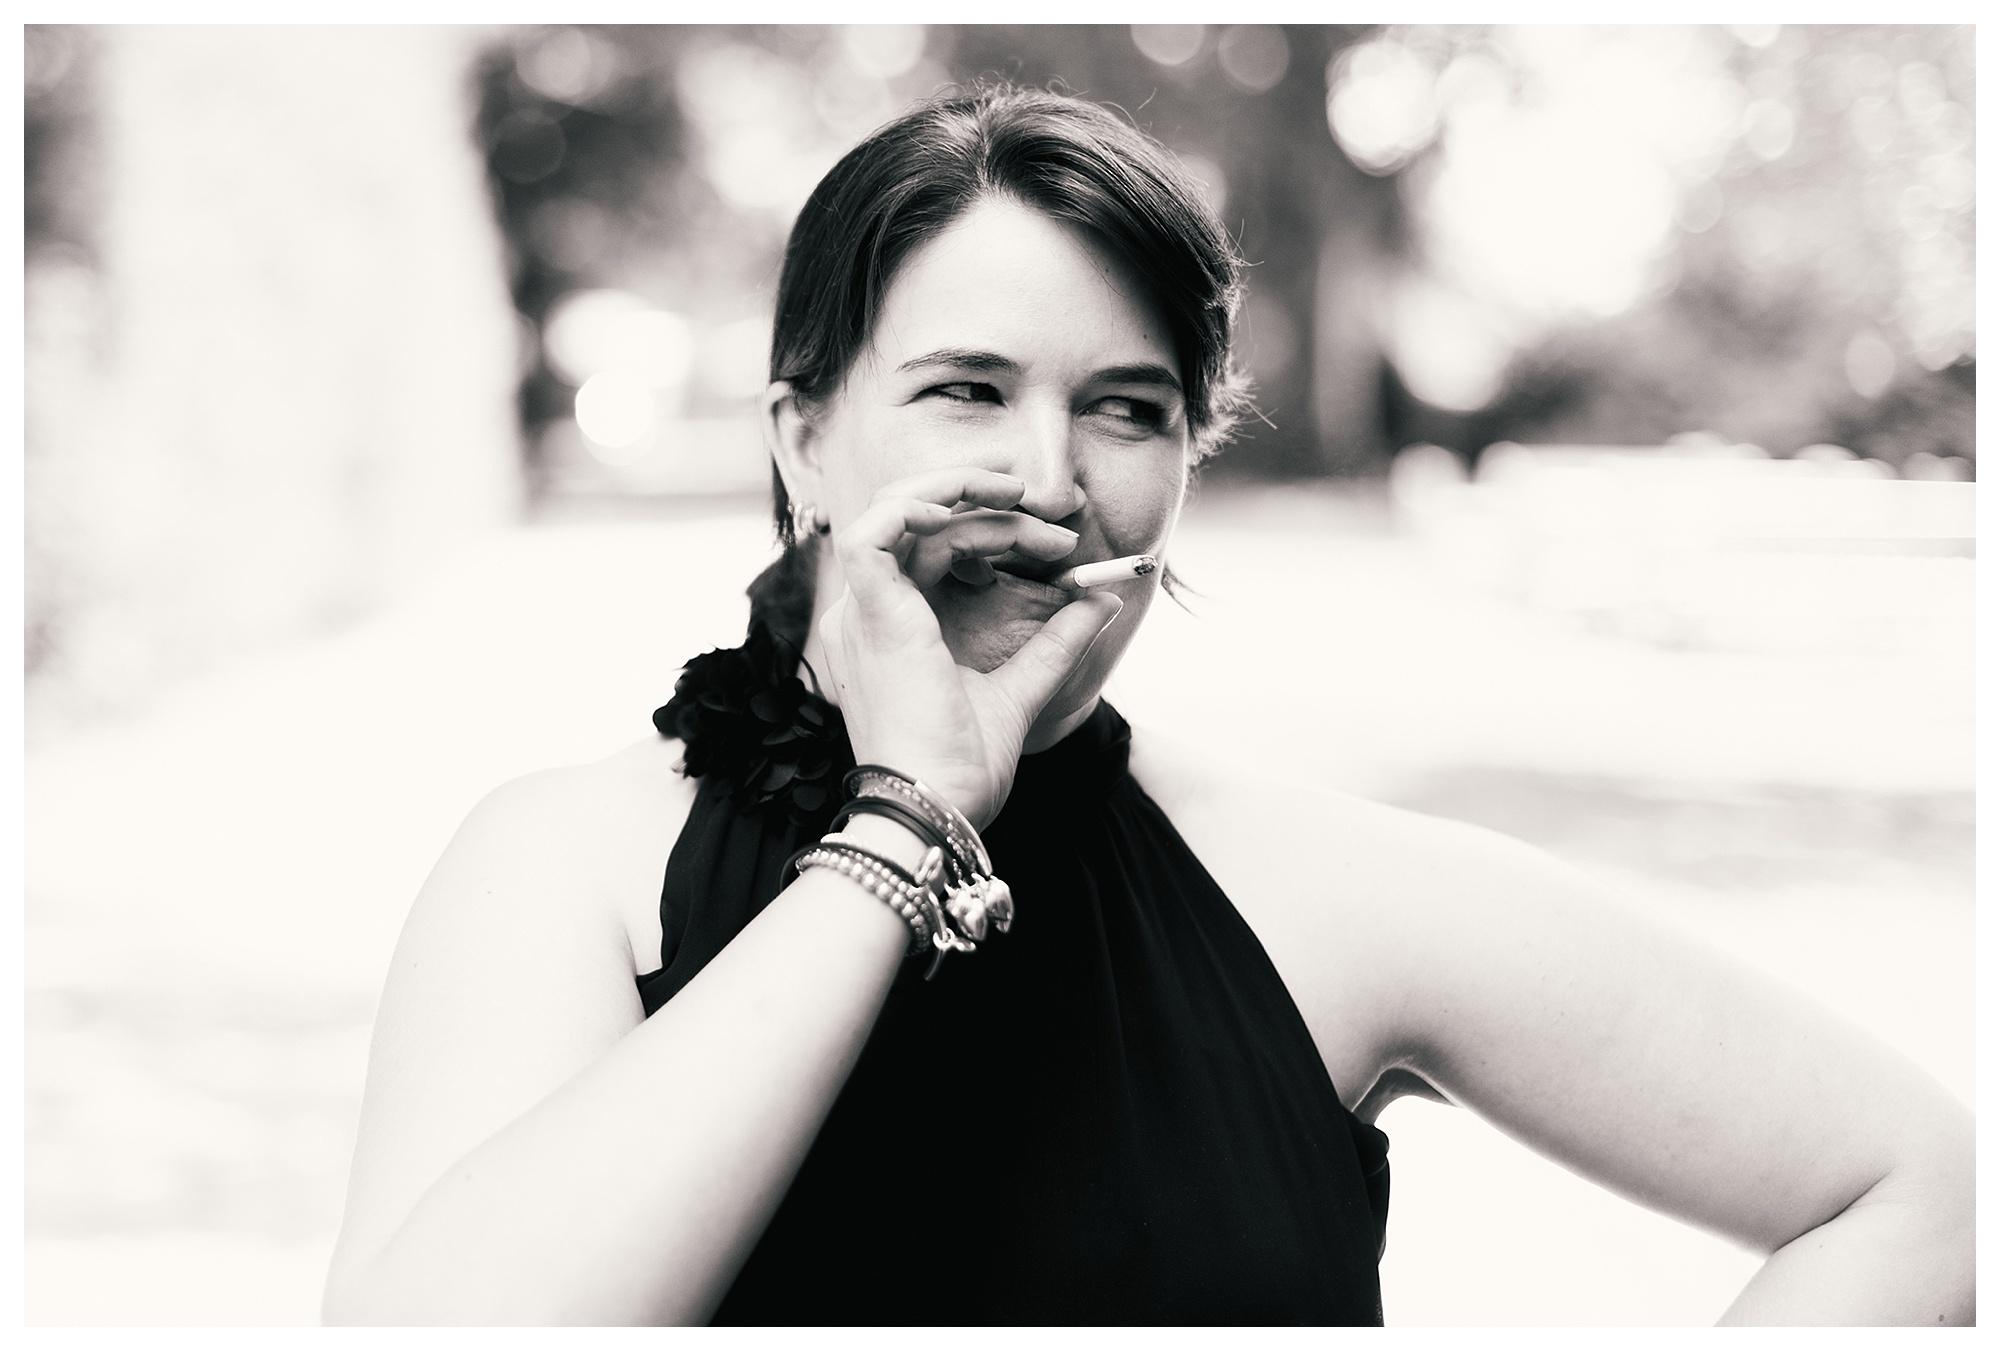 Fotograf Konstanz - Best of 2014 Elmar Feuerbacher Photography Hochzeit Portrait 028 - Rückblick auf 2014  - 87 -